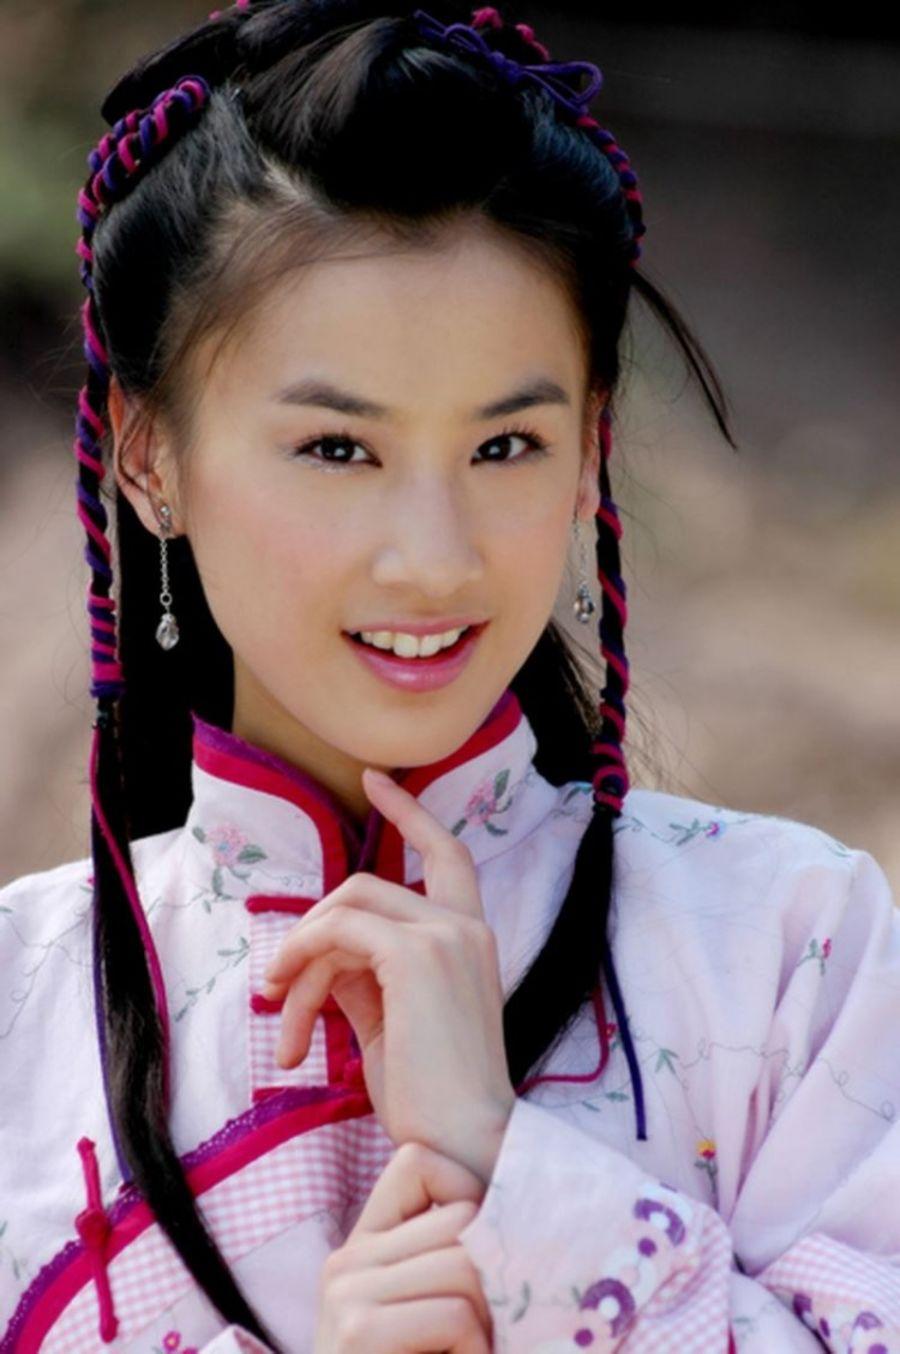 ... giả cho cặp đôi Tôn Phi – Đậu Trí Khổng (vai Viên Thừa Chí) vẫn khiến  khán giả thỏa mãn. Đặc biệt với nhan sắc xinh đẹp của cô nàng A Cửu.